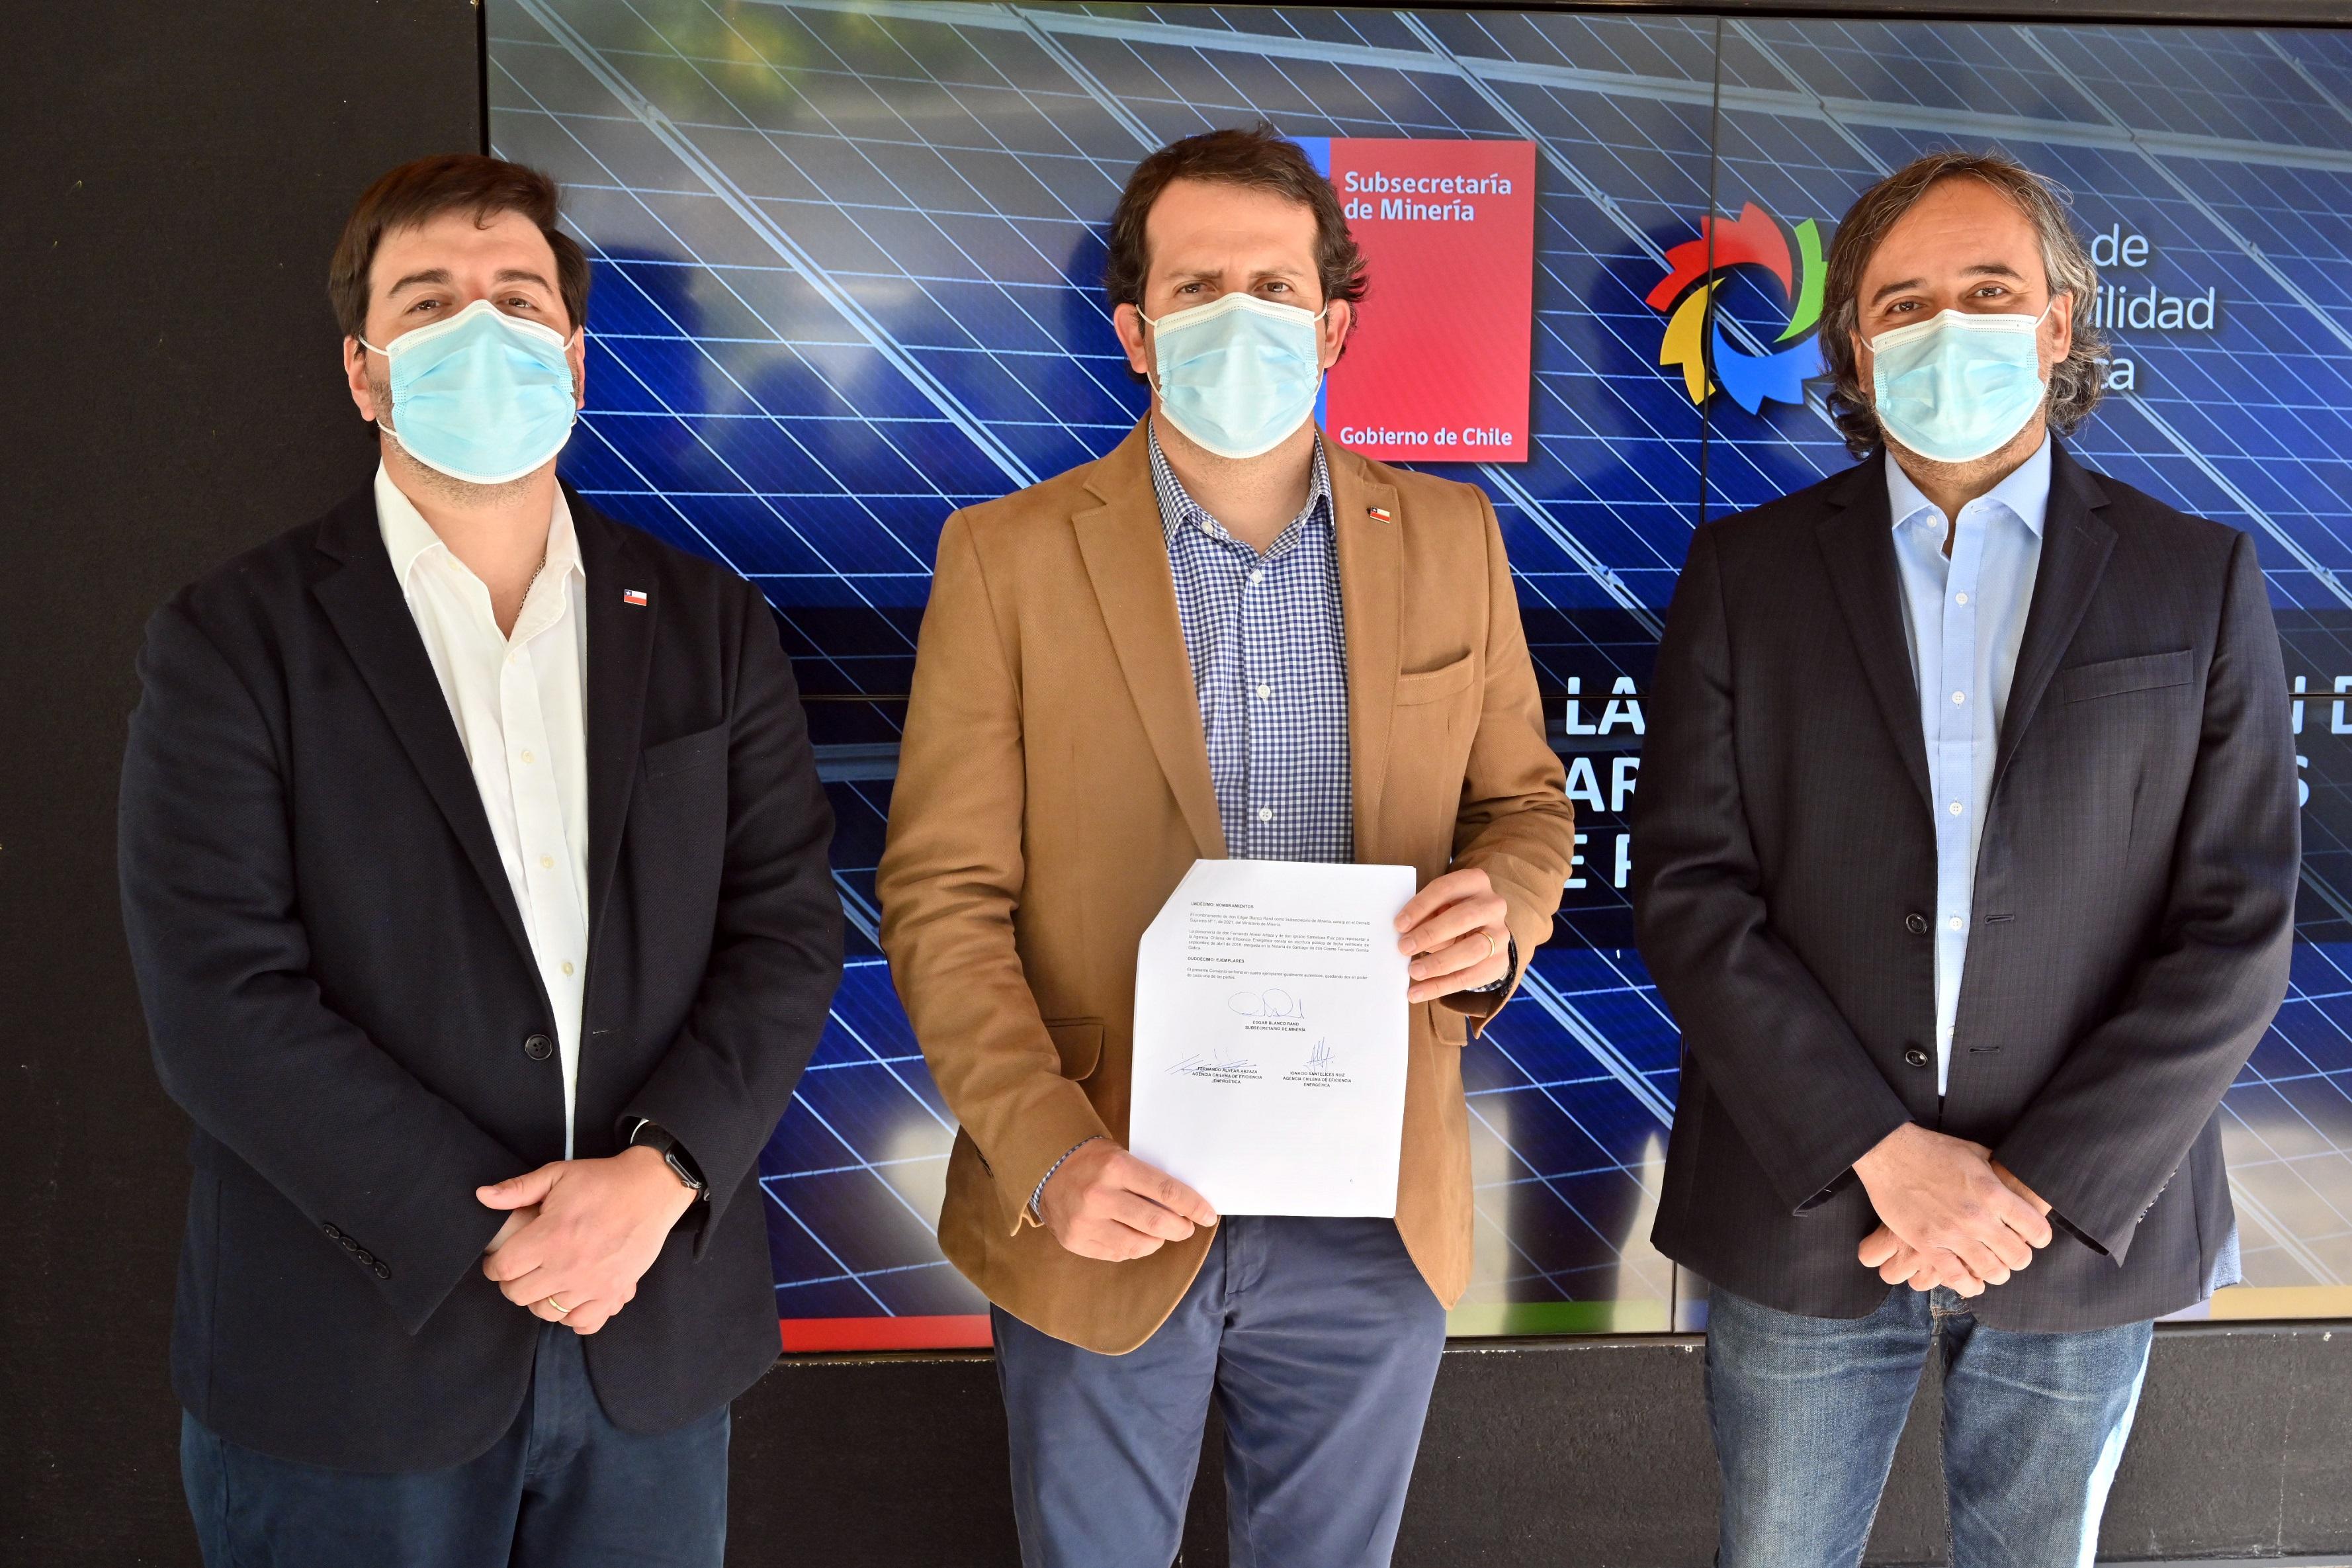 Gobierno abre fondo para impulsar el uso de la energía solar en la pequeña minería y minería artesanal